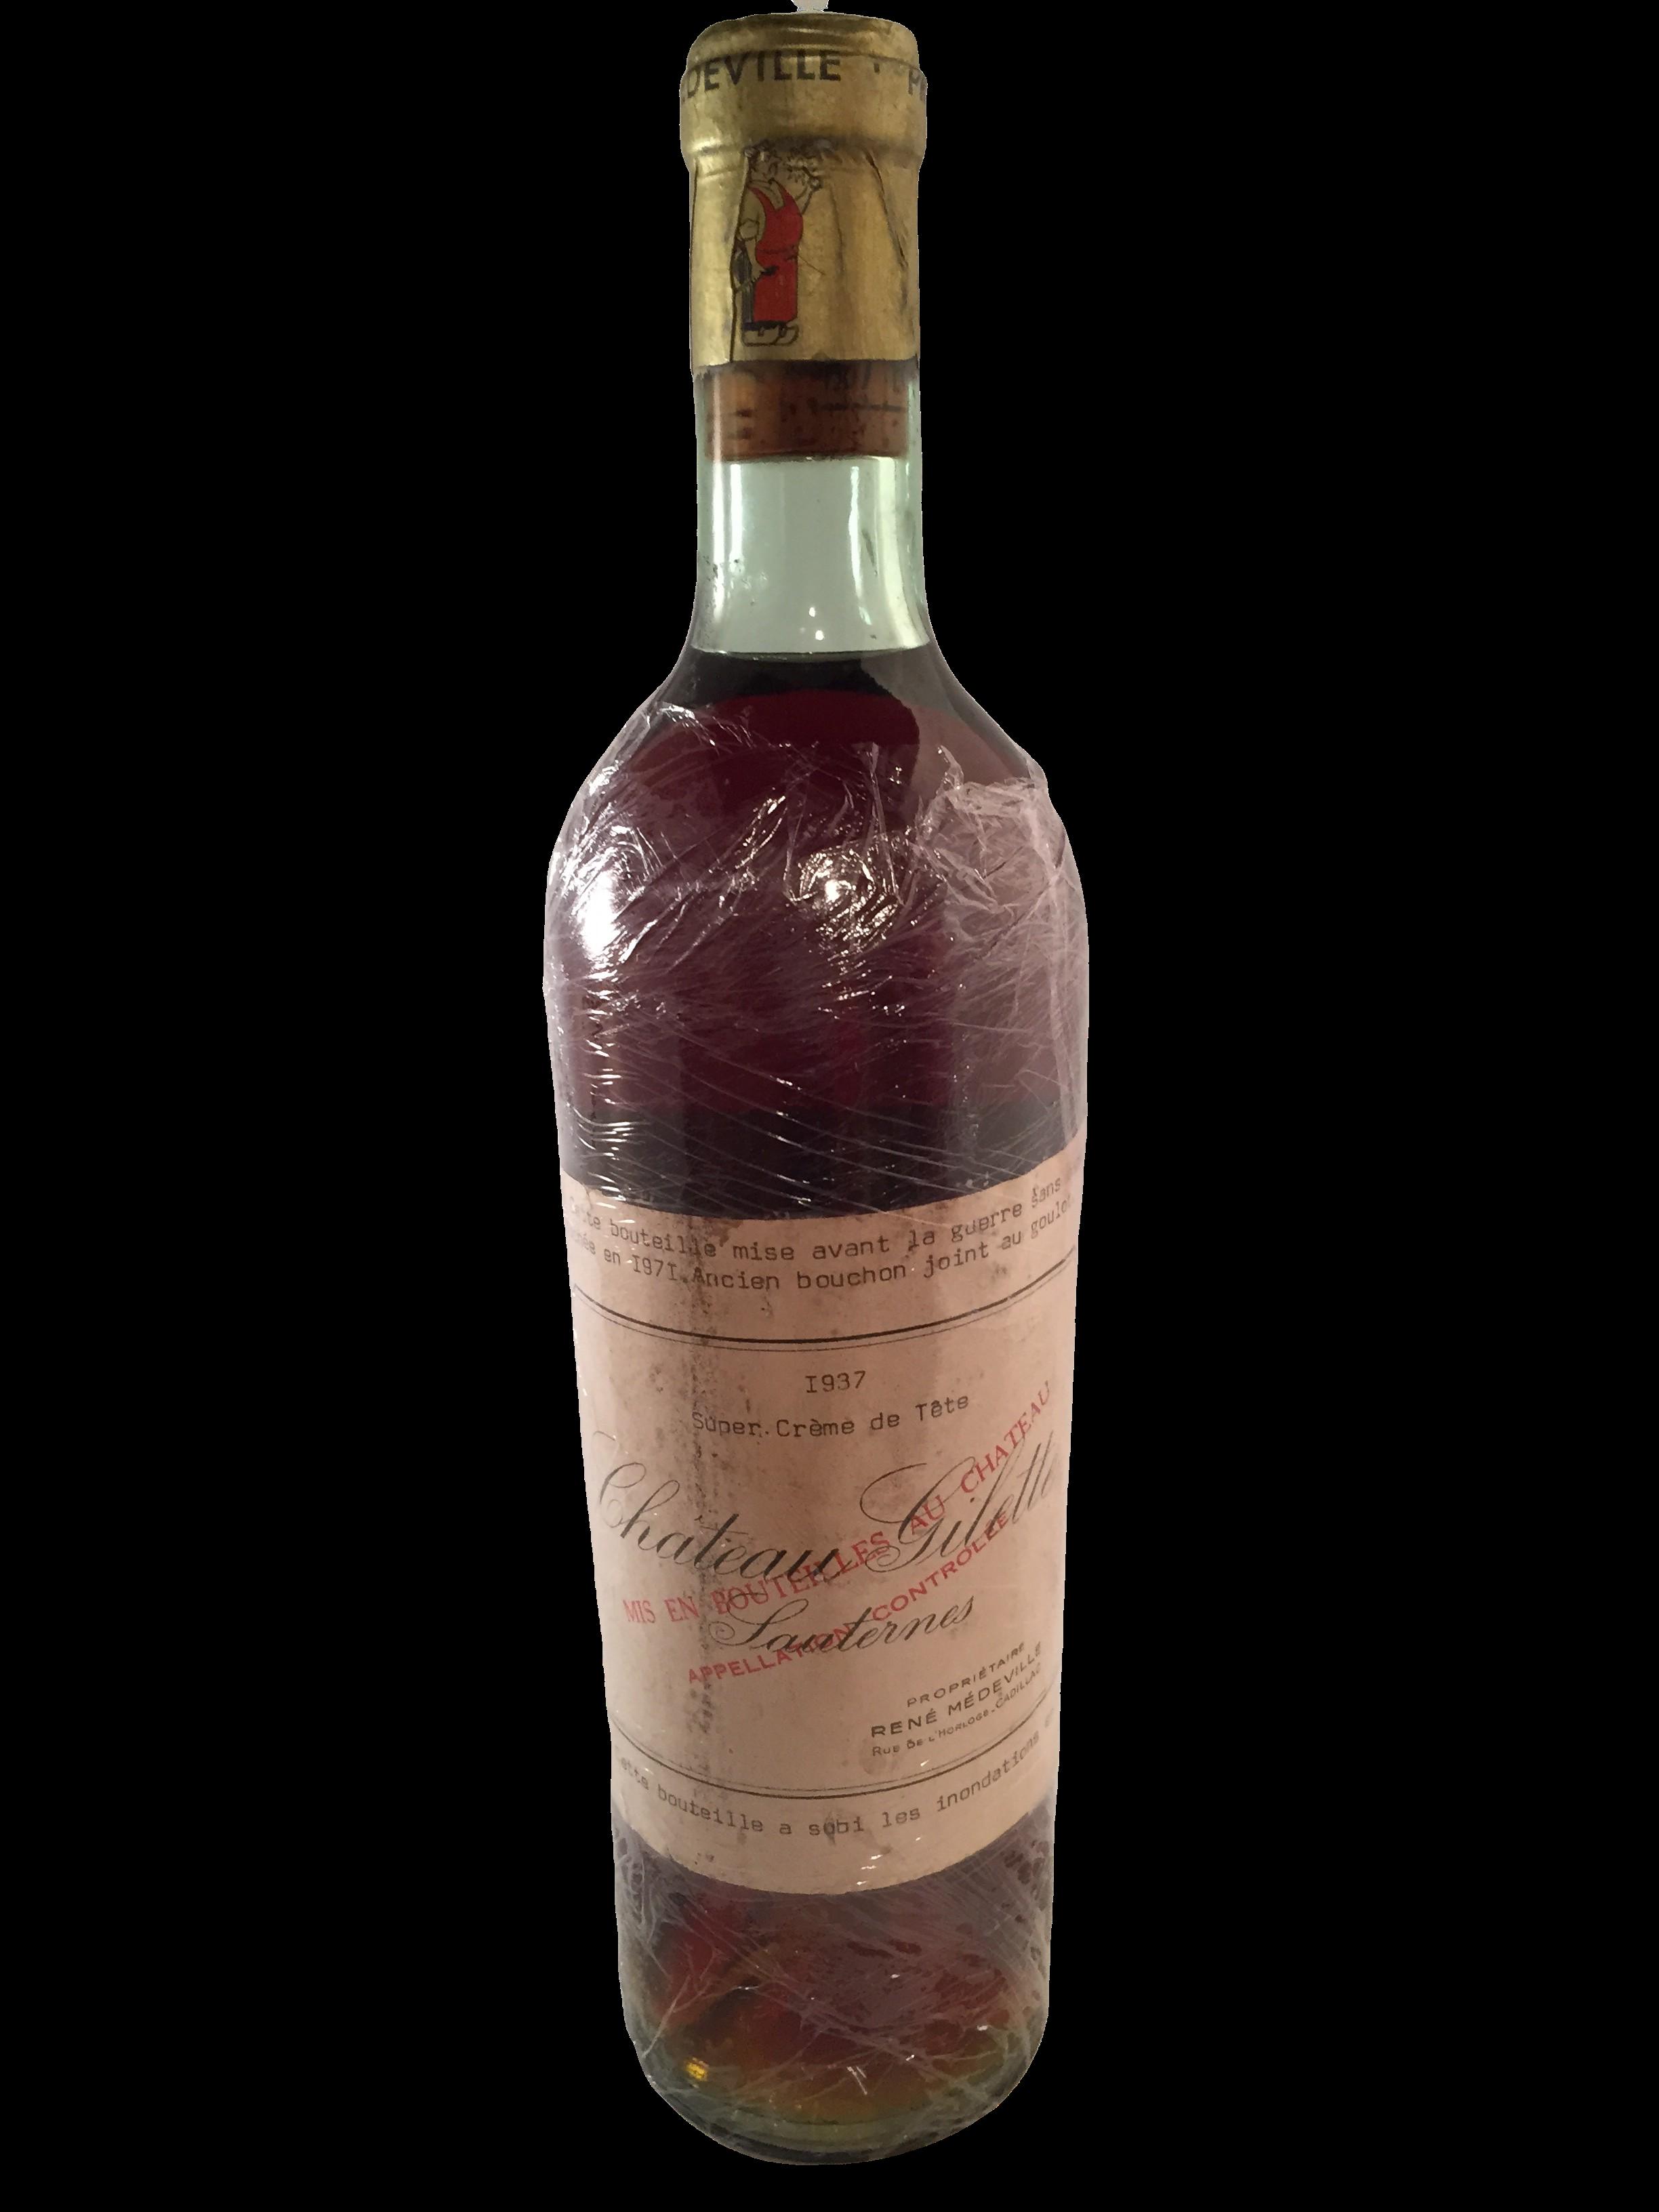 Château Gilette Crème de Tête 1937